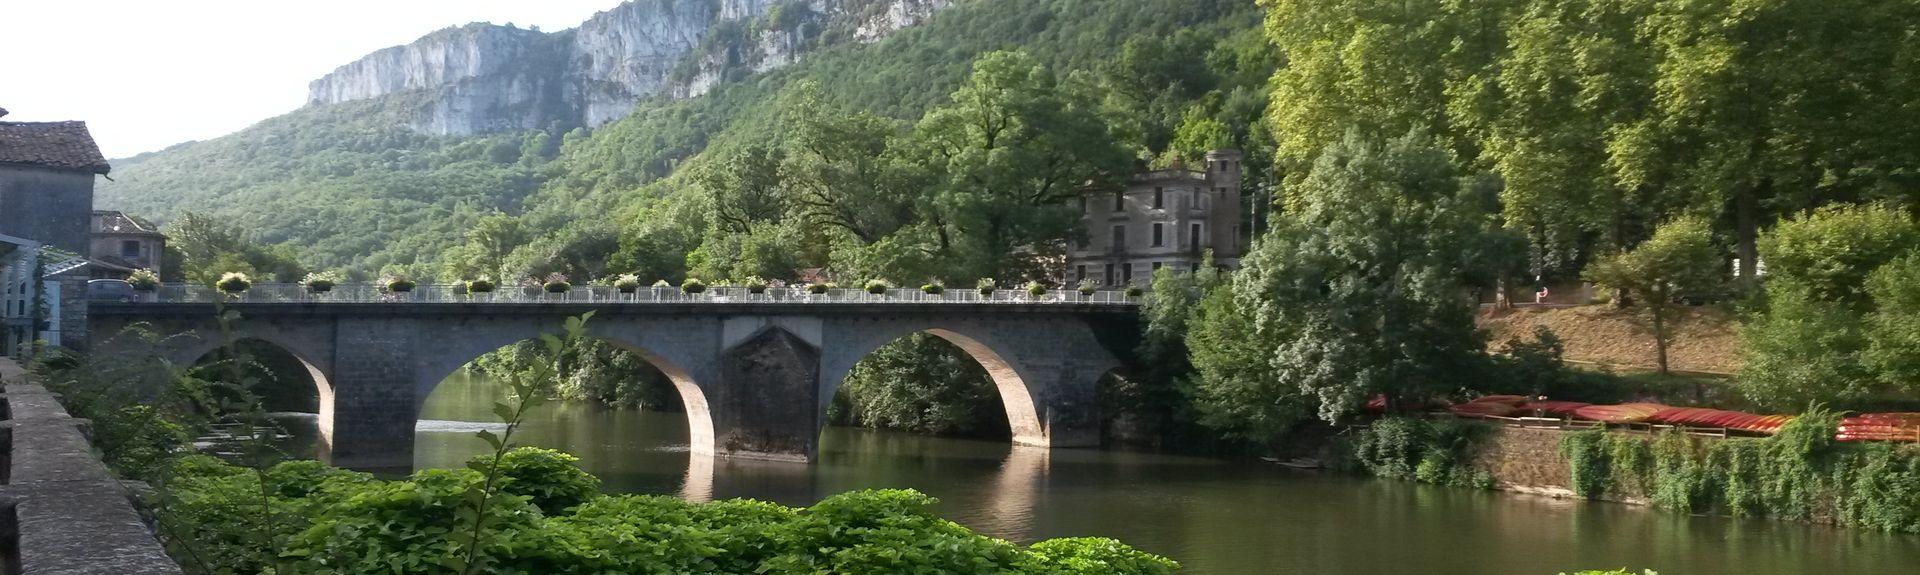 Castanet, Tarn-et-Garonne, France